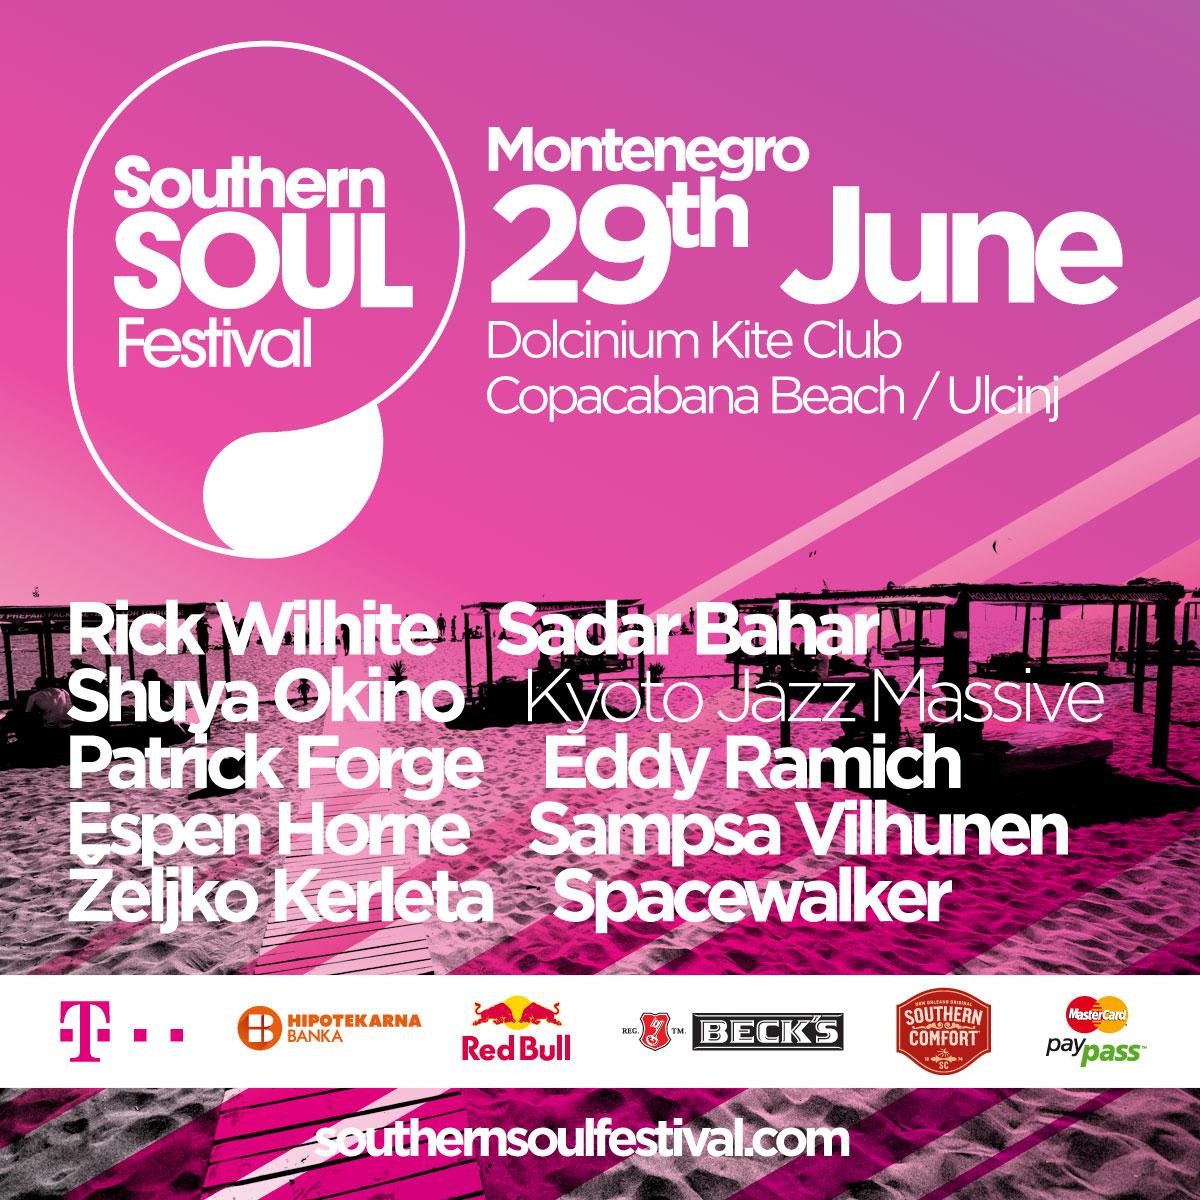 ssf 2014 day 04 fb poster Idemo u provod: Line Up Southern Soul Festivala